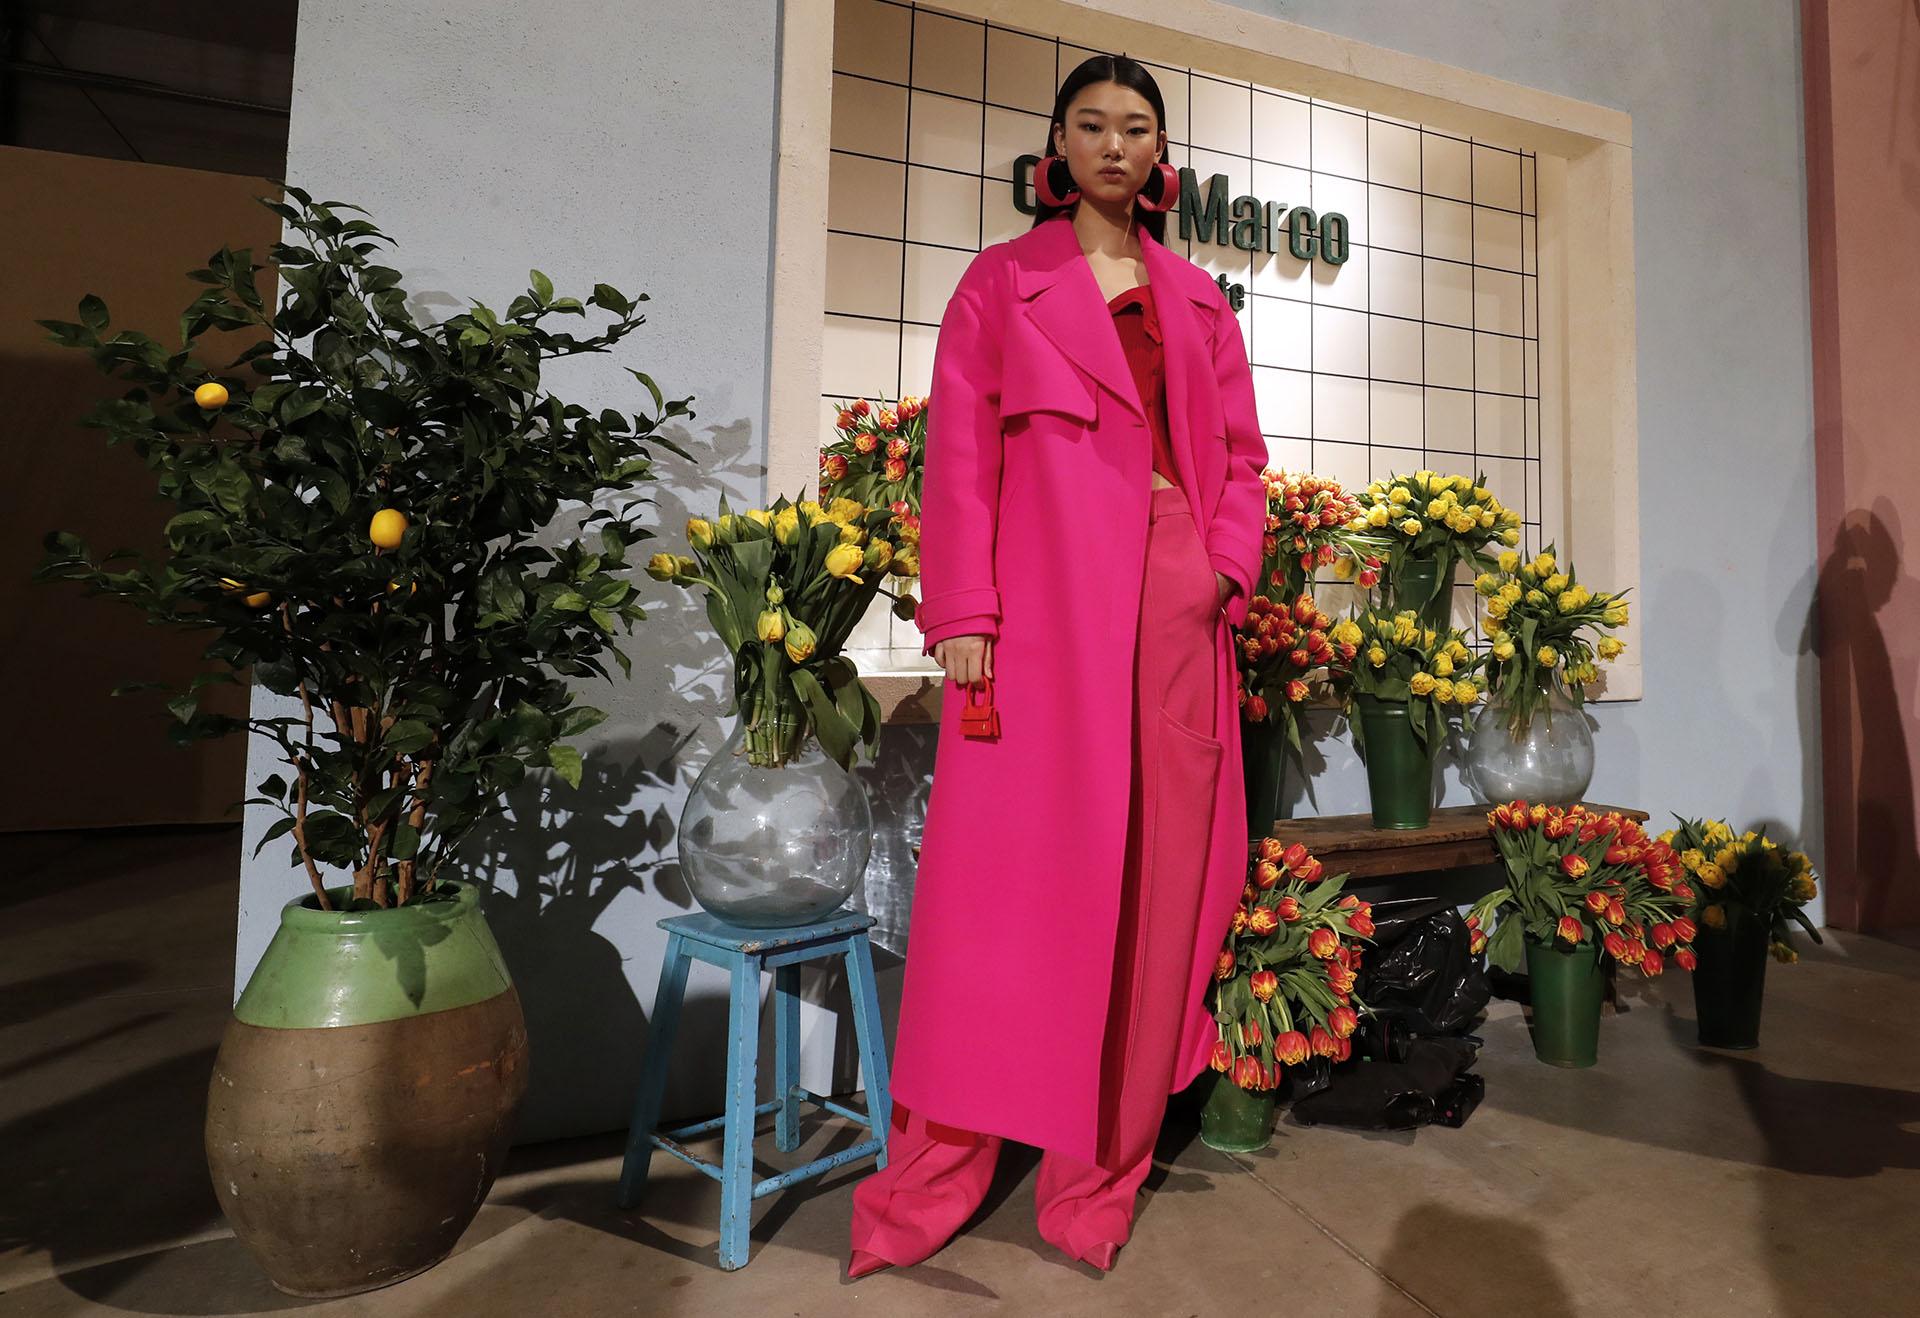 Pantalones, maxi tapados hasta el tobillo, y blusas, un clásico en todos los colores. La firma parisina presentó al fucsia como un color para la colección de otoño-invierno 2019/2020